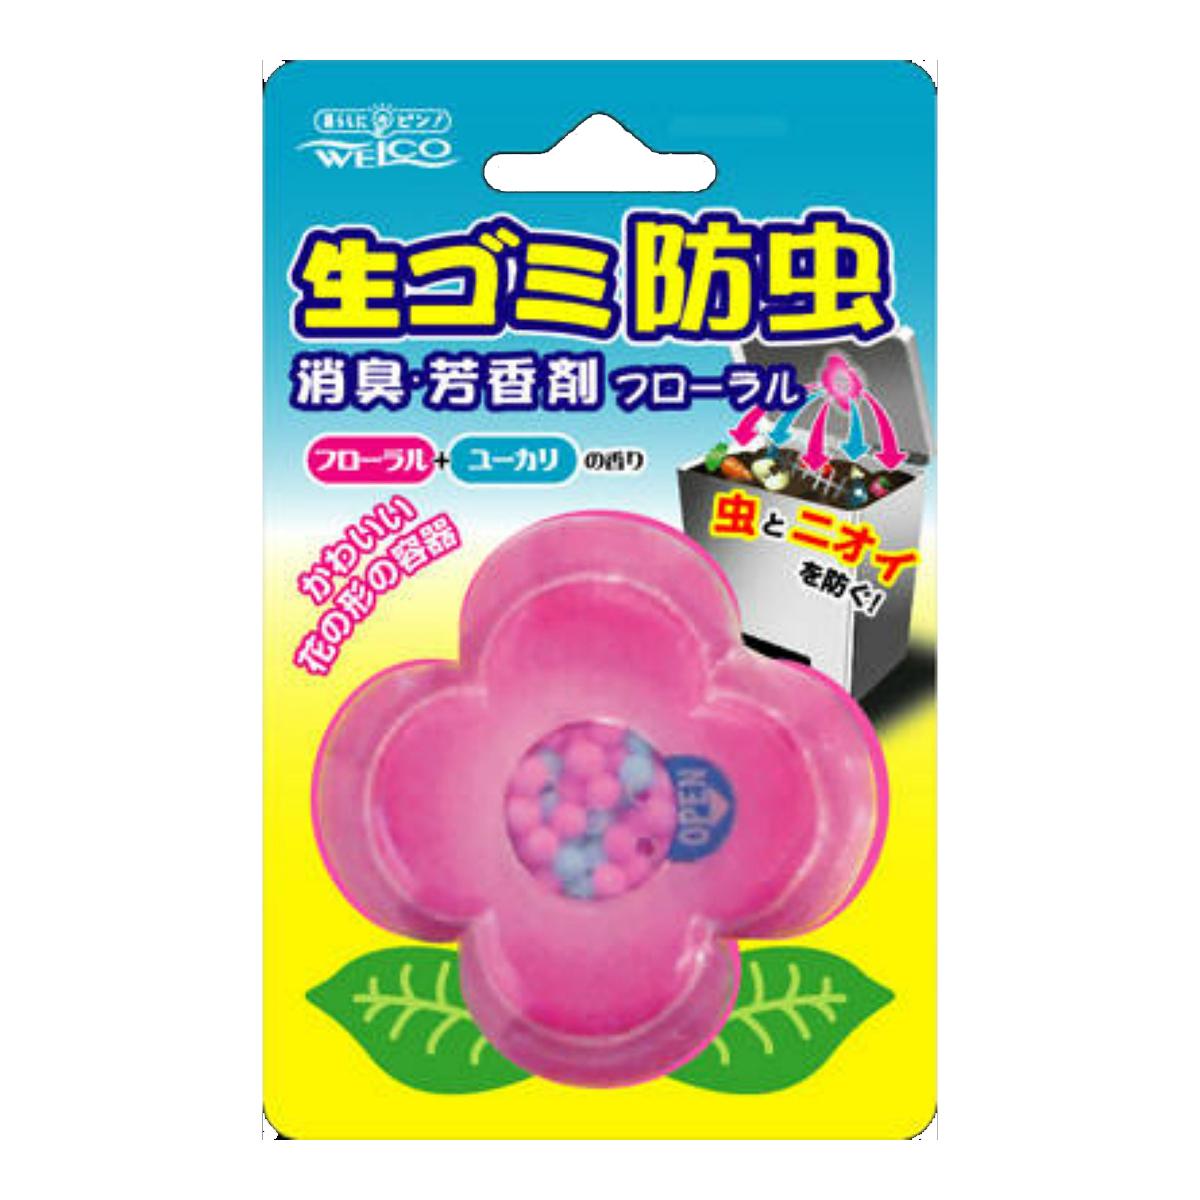 【送料無料】ウエ・ルコ 生ゴミ防虫・消臭・芳香剤 8G×100点セット まとめ買い特価!ケース販売 ( 4995860510652 )